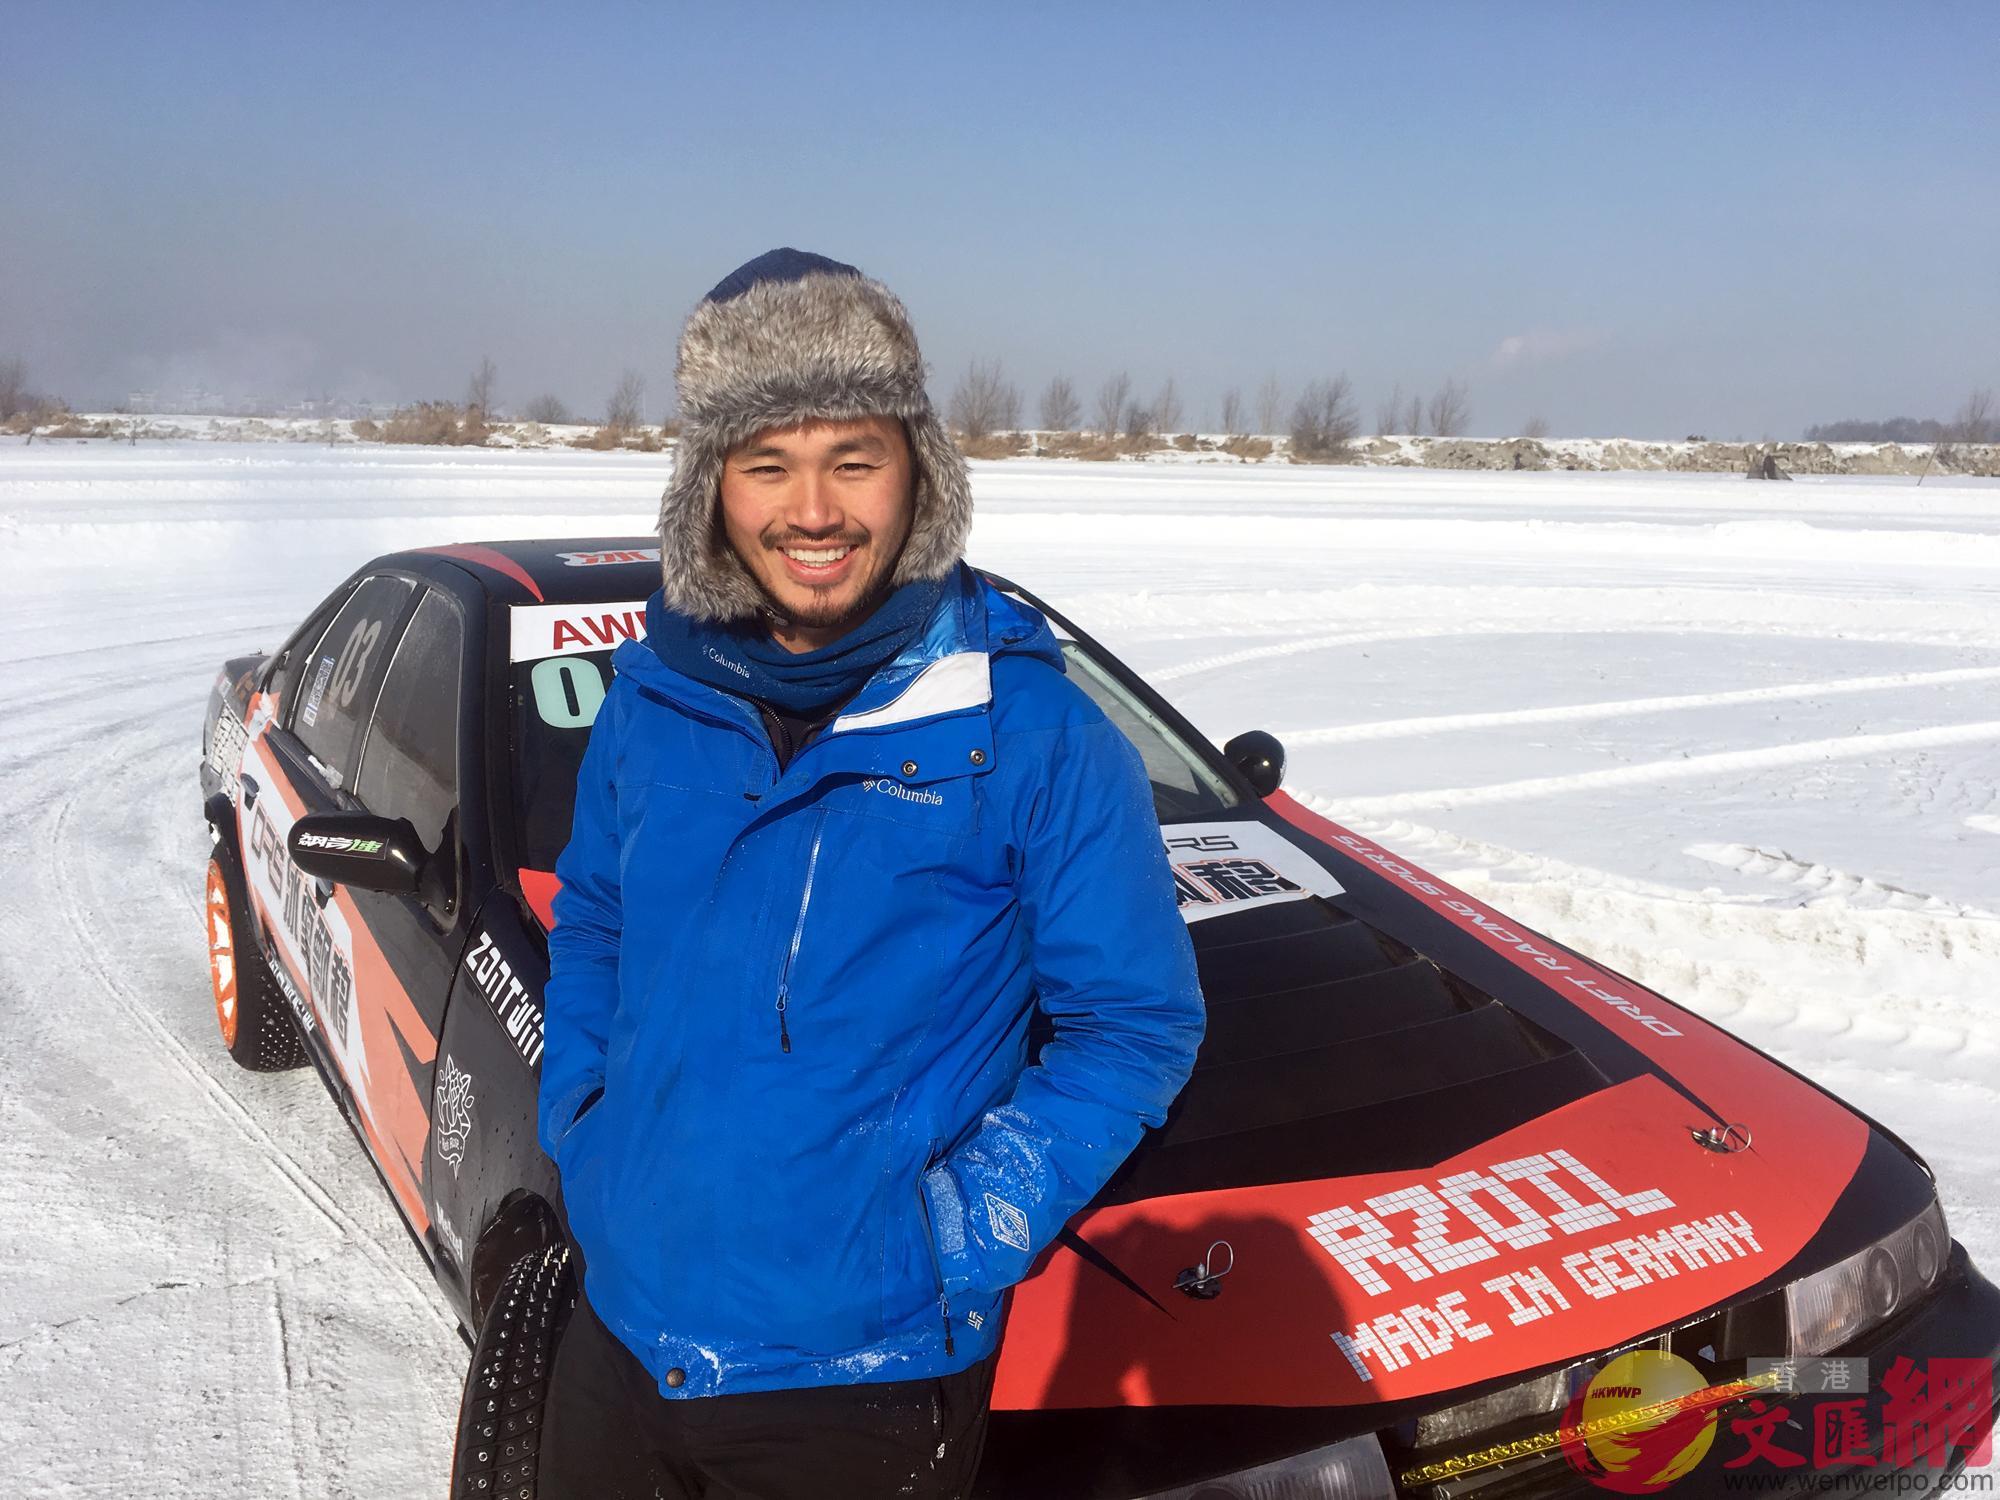 來自香港的車手Charles Ng伍家麒在冰城盡享冰雪賽車的魅力。記者吳千攝